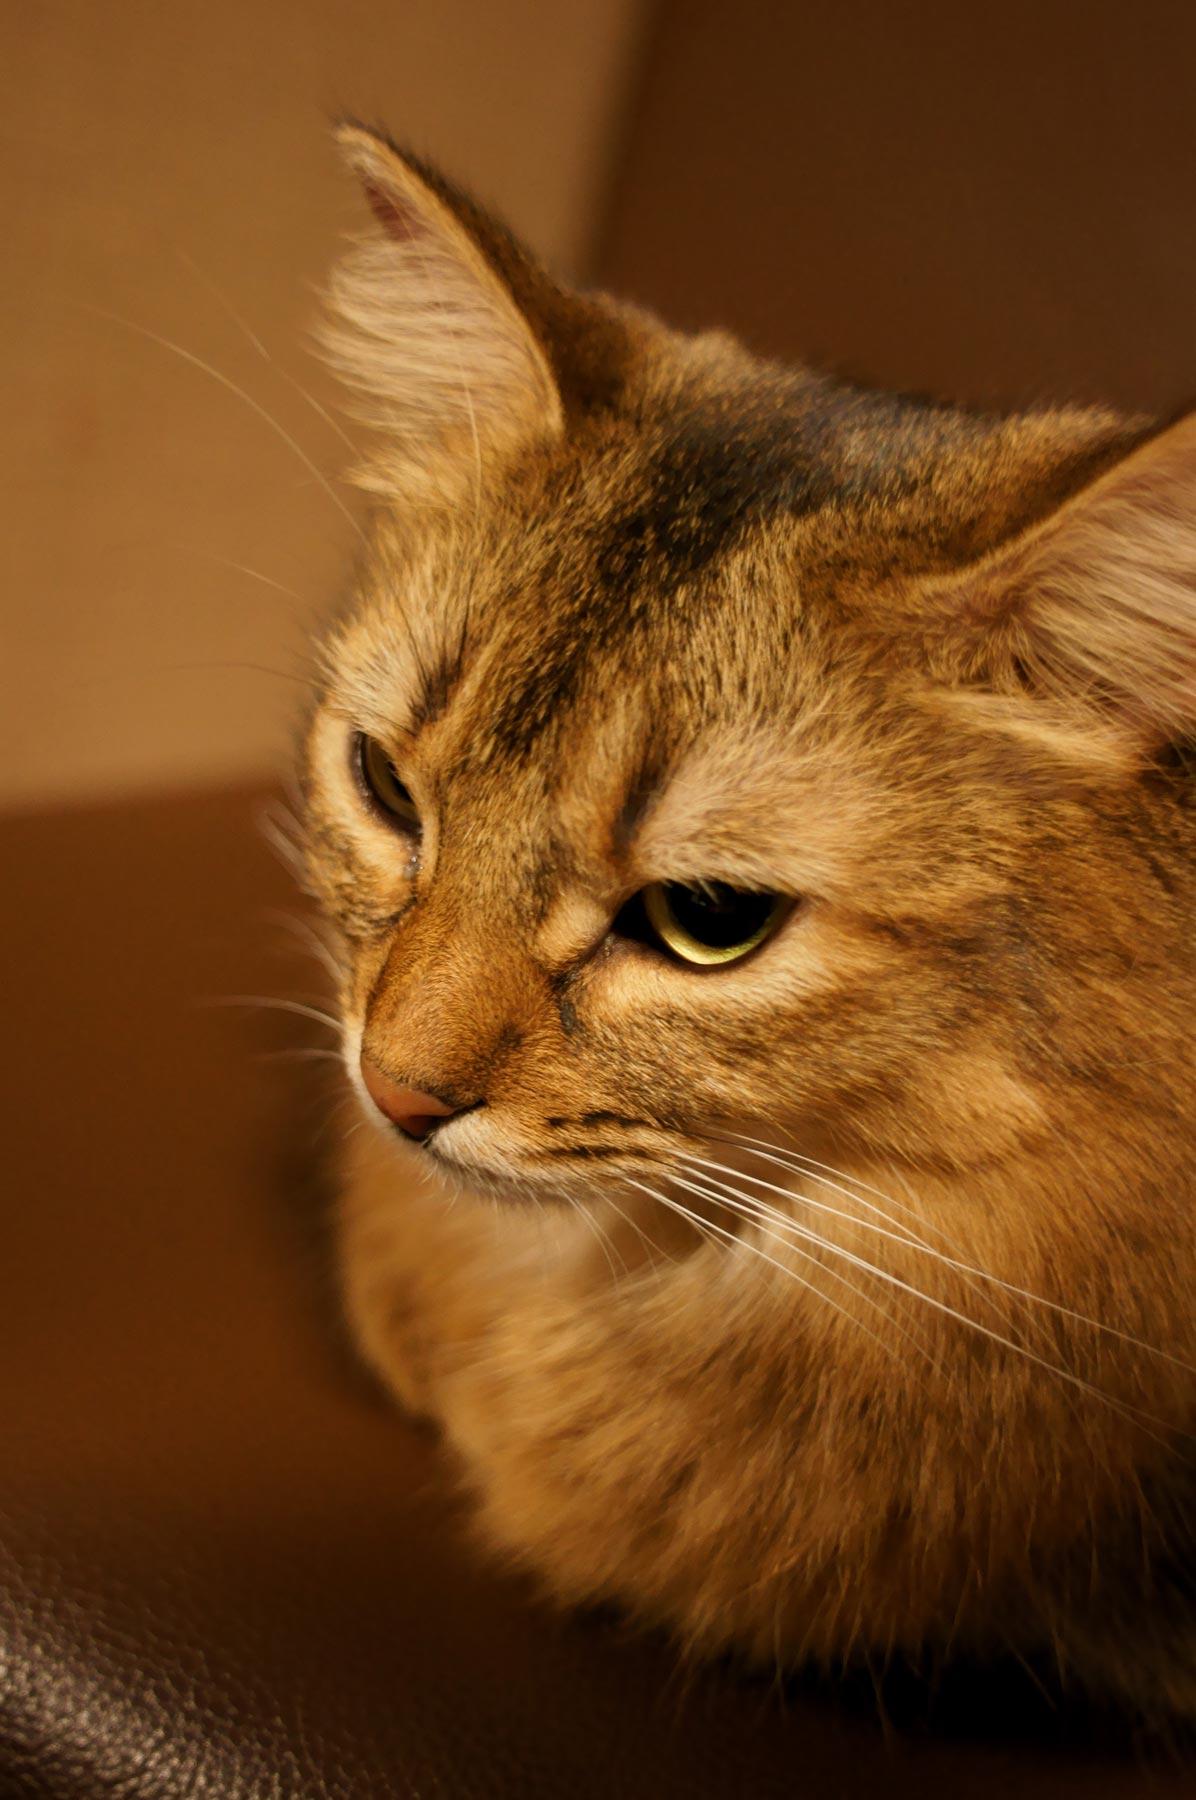 AF24mmF2.8で猫写真 その2_e0216133_22142333.jpg